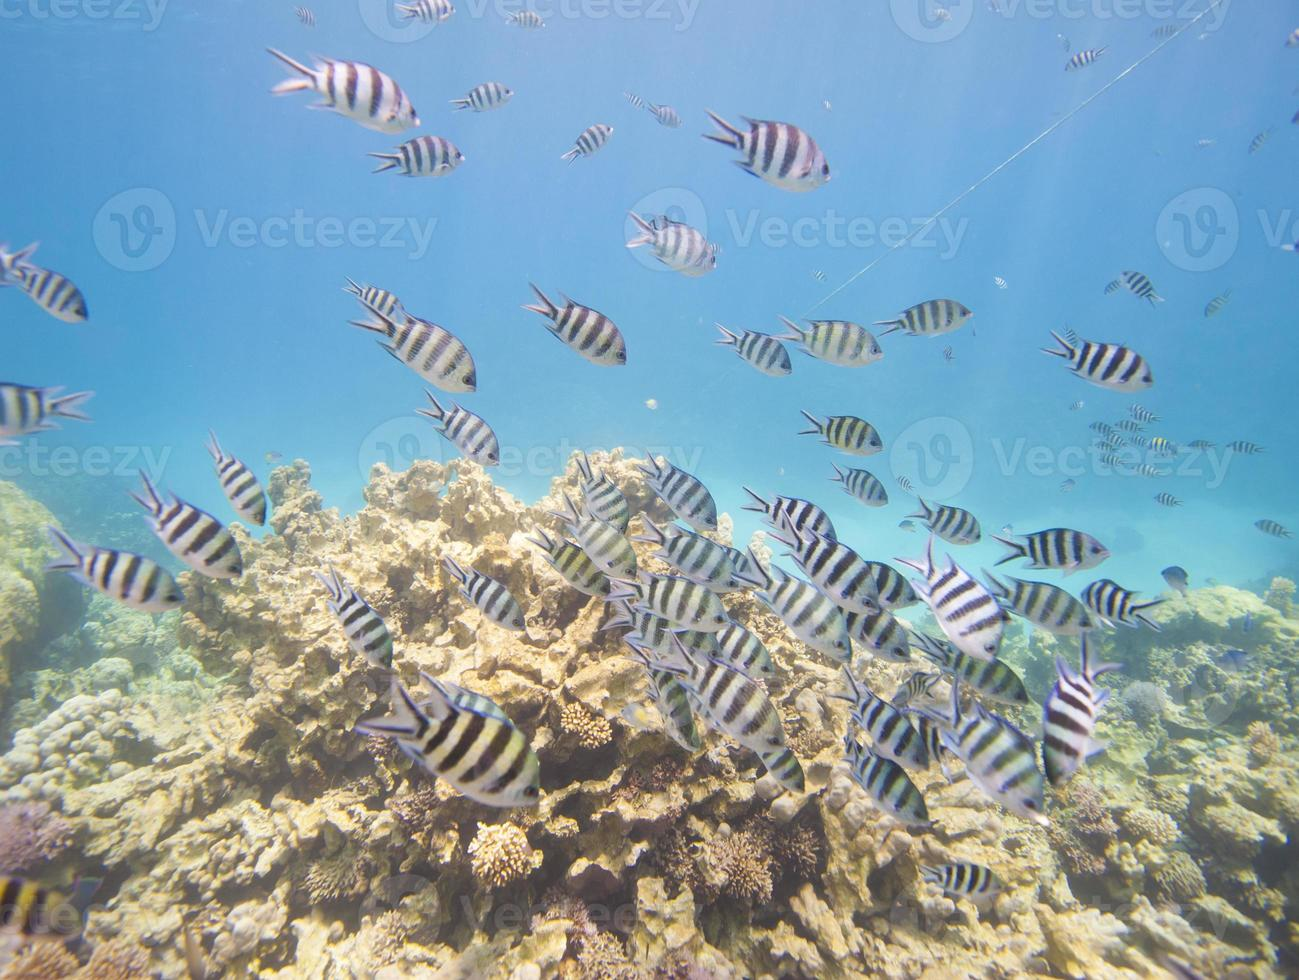 branco di sergente maggiore castagnole sulla barriera corallina foto